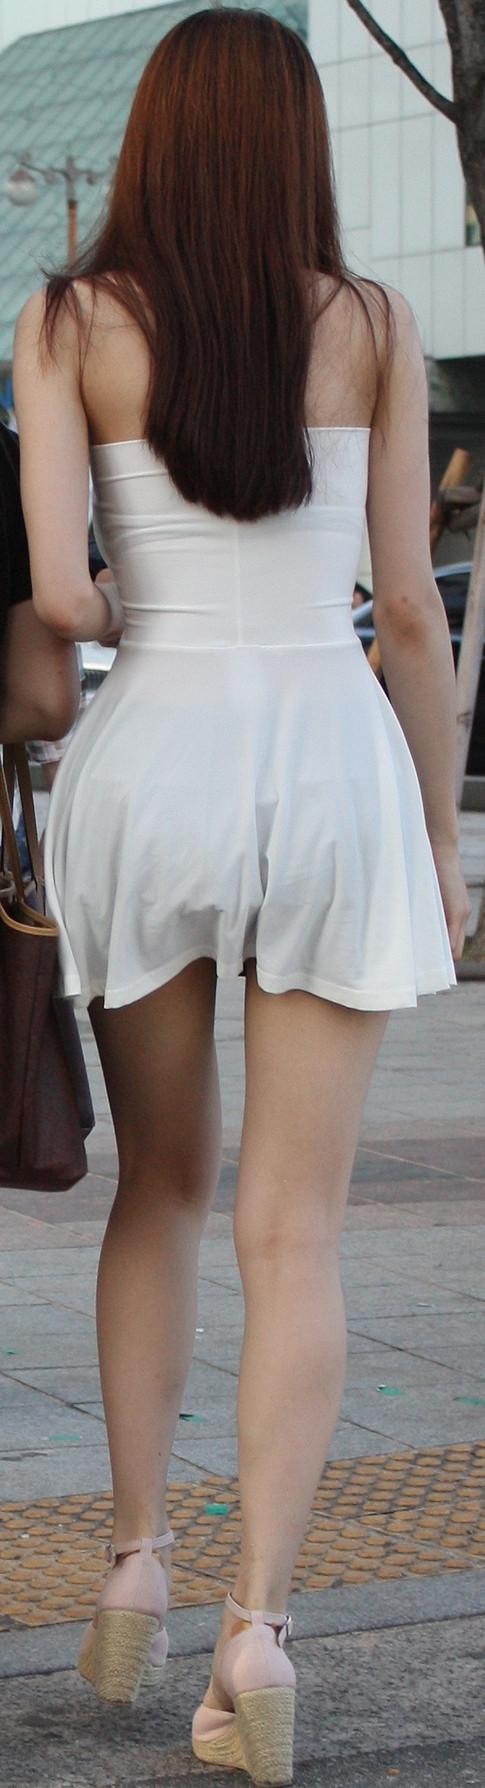 【私服エロ画像】背中出しは既に常識w夏場は露出を自重しないギャル私服www 07